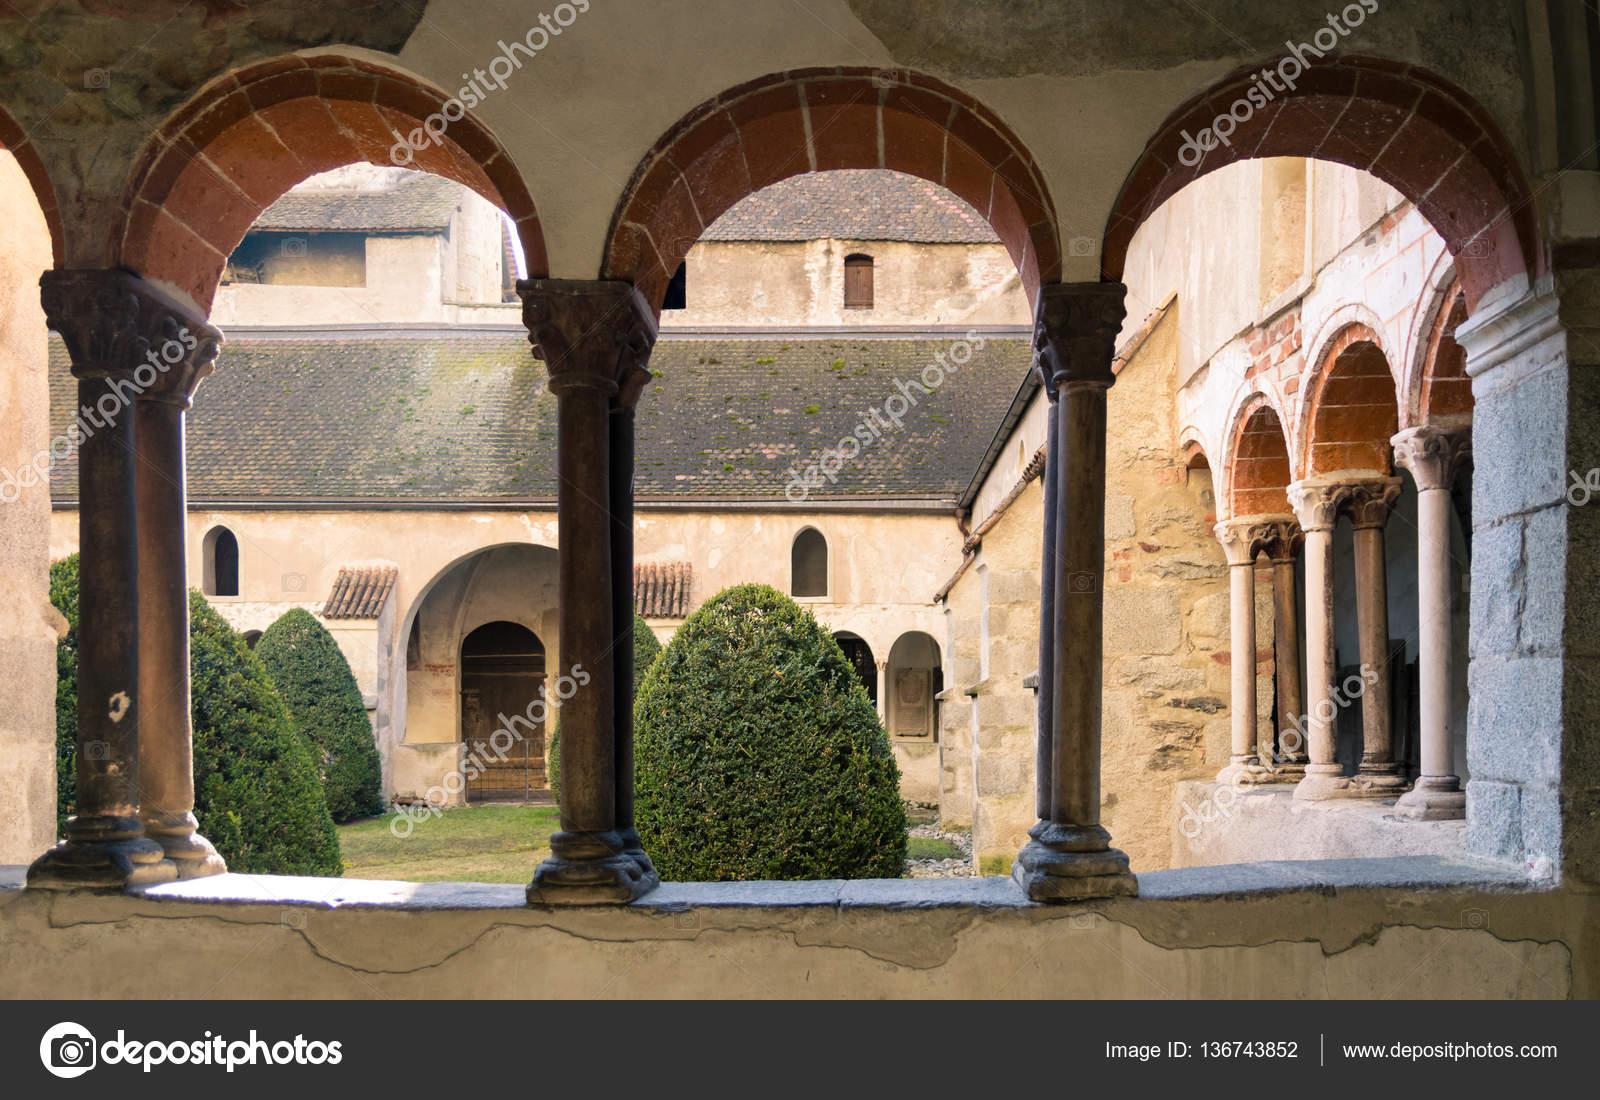 Finestre ad arco del chiostro della cattedrale foto - Finestre ad arco prezzi ...